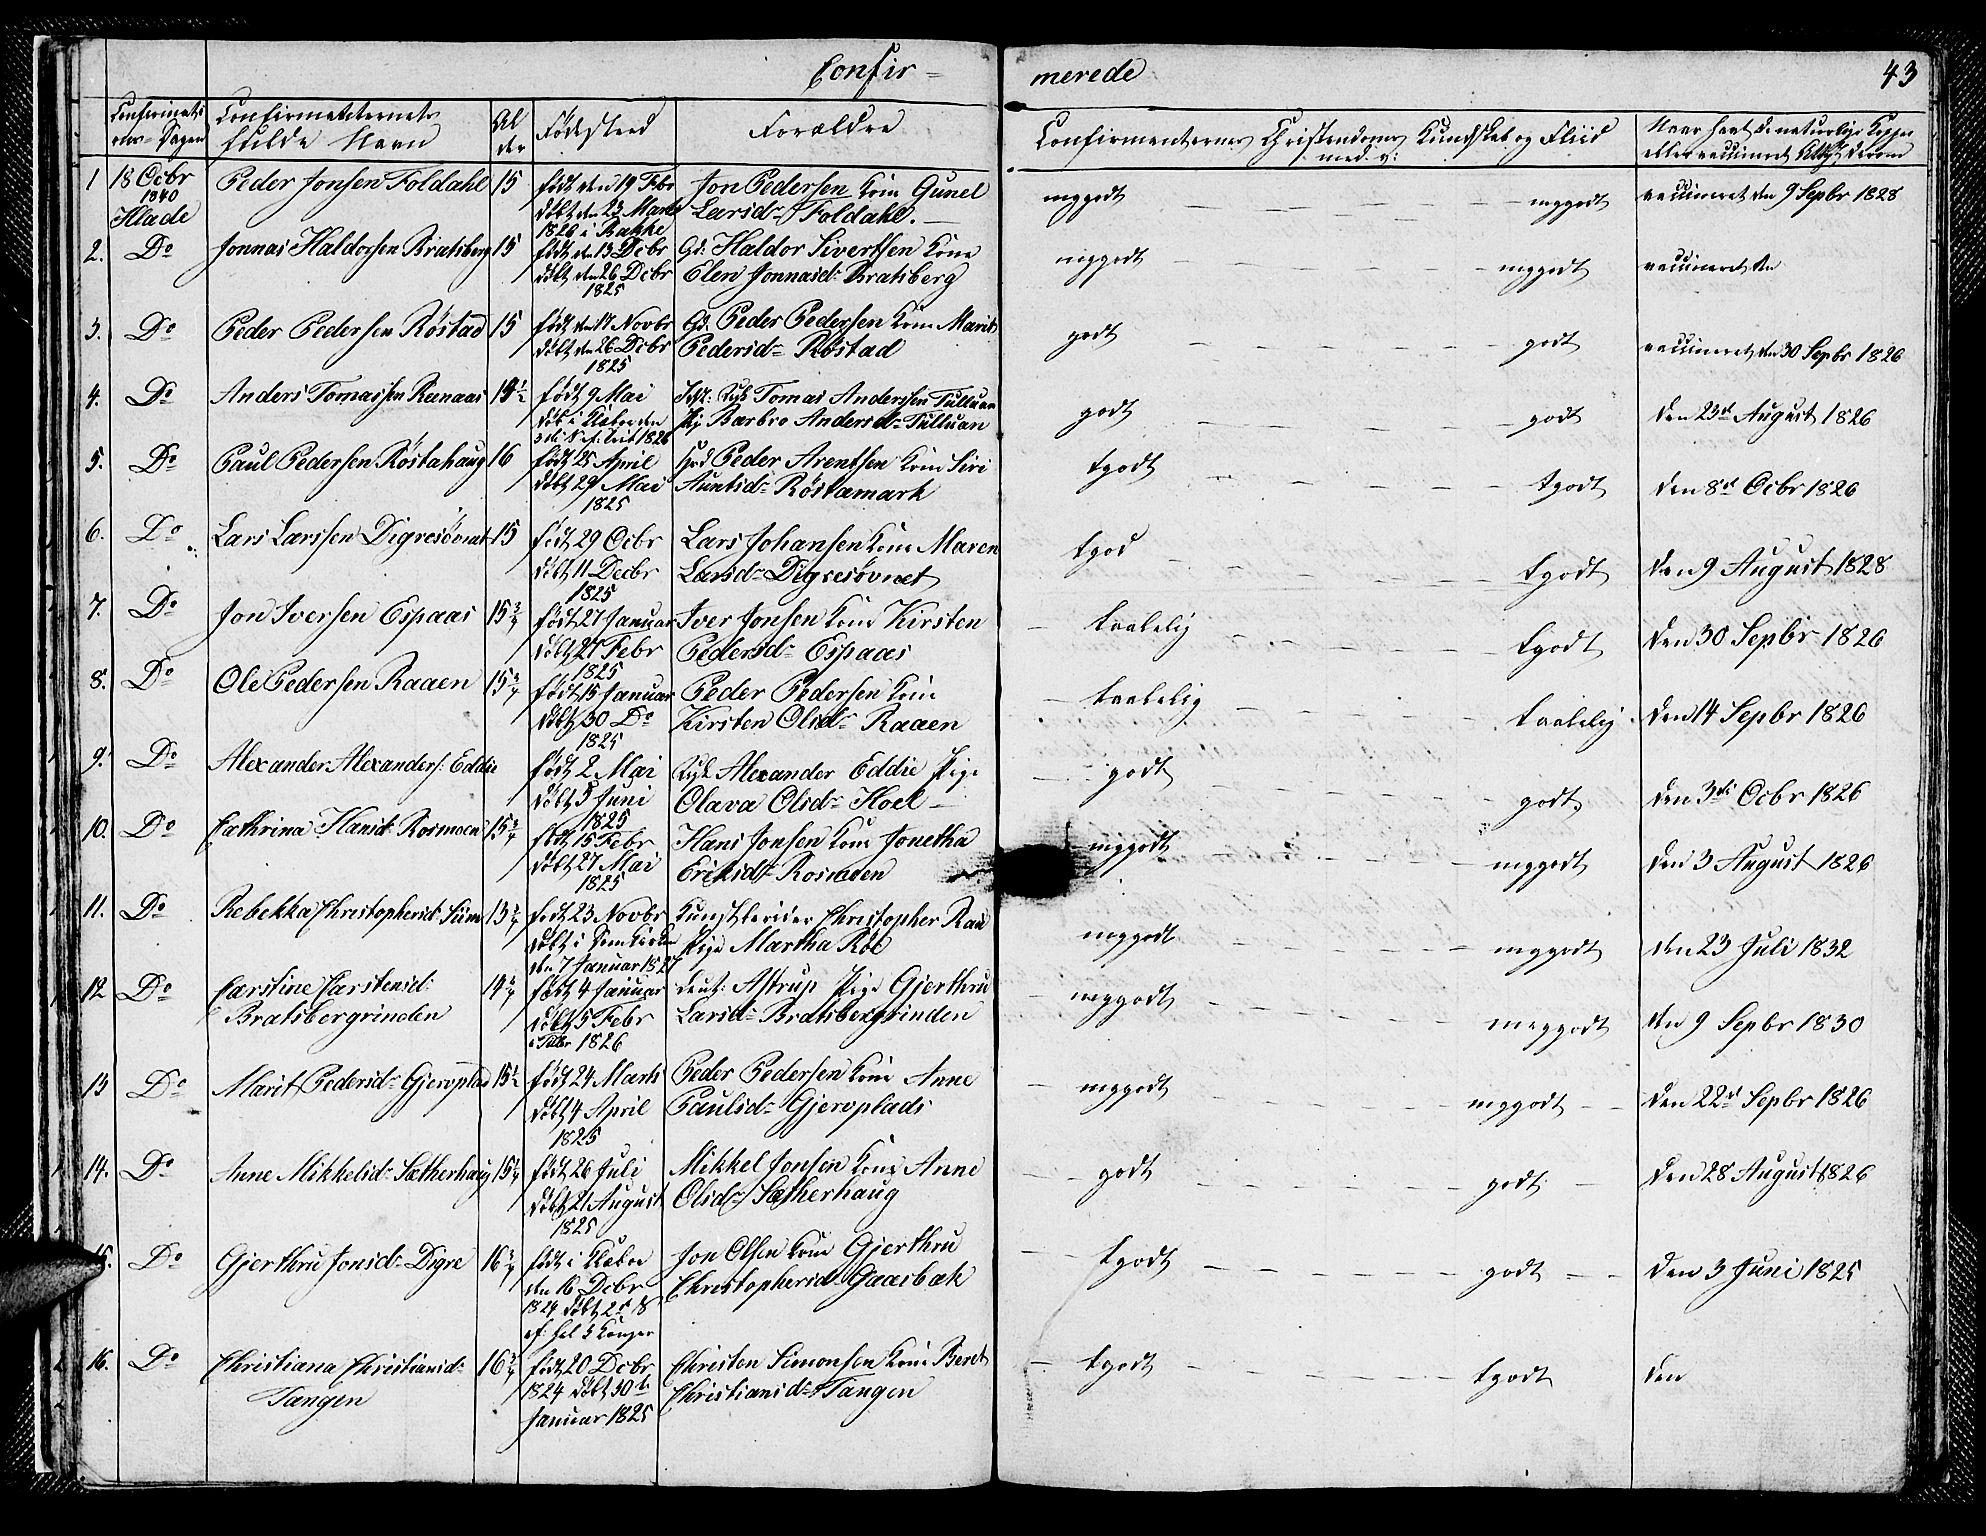 SAT, Ministerialprotokoller, klokkerbøker og fødselsregistre - Sør-Trøndelag, 608/L0338: Klokkerbok nr. 608C04, 1831-1843, s. 43